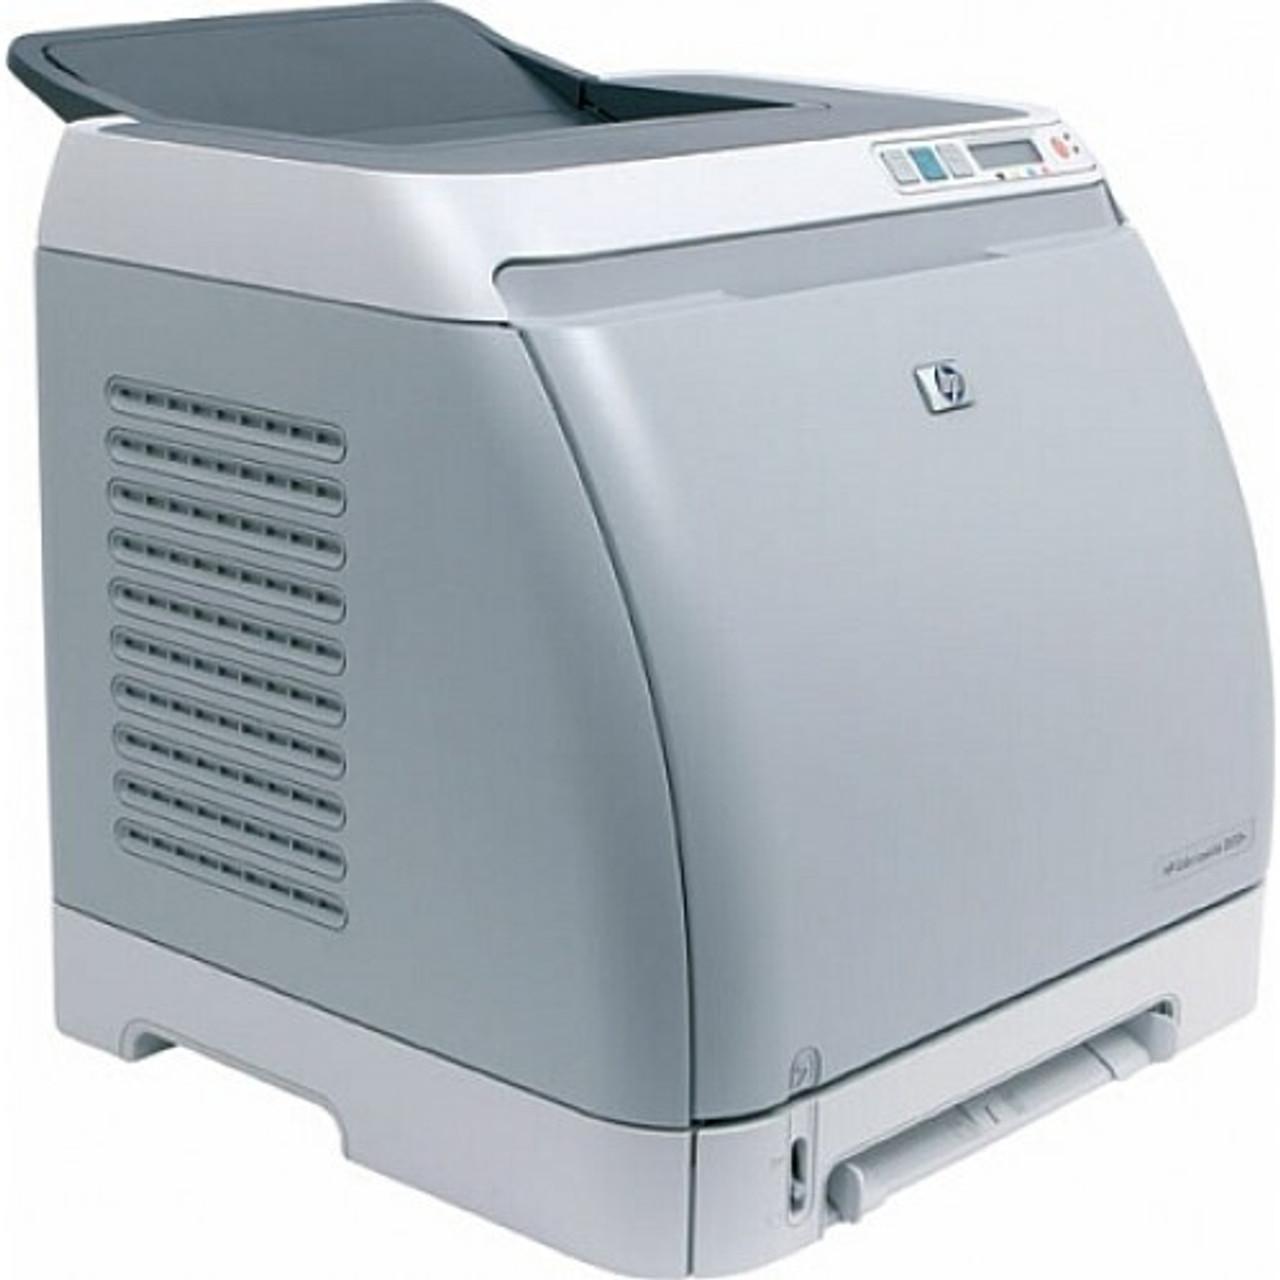 HP Color LaserJet 2605dn - Q7822A - HP Laser Printer for sale